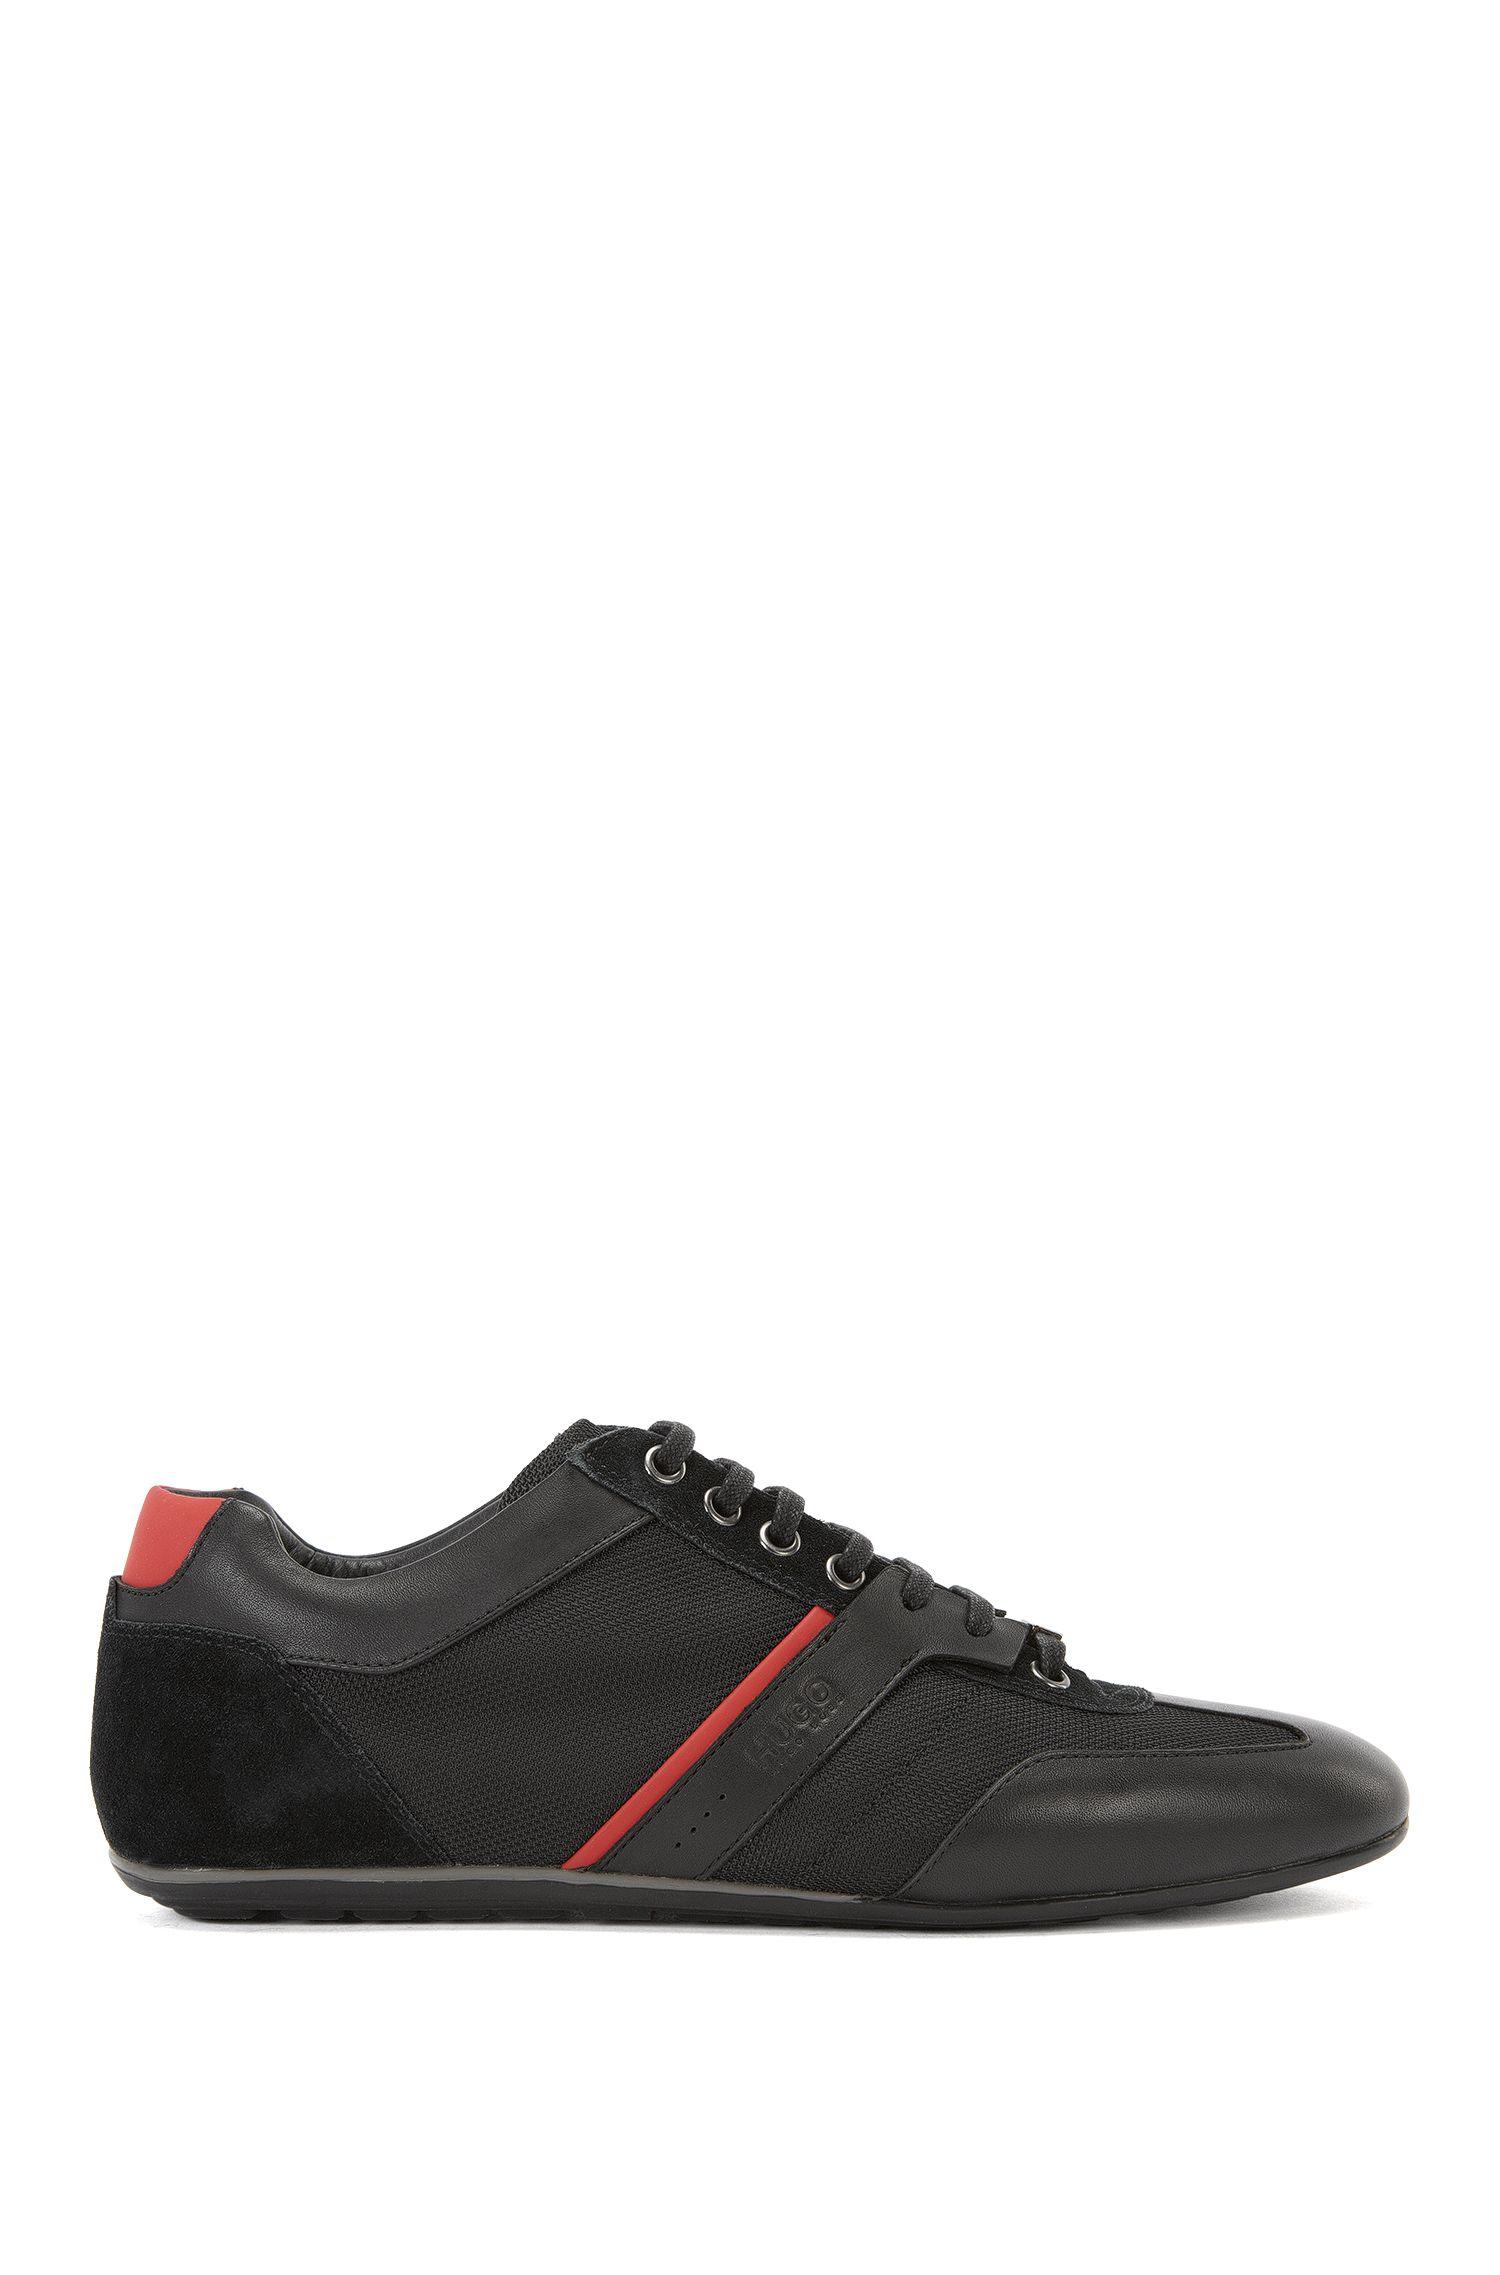 Lage sneakers met leren garneersels